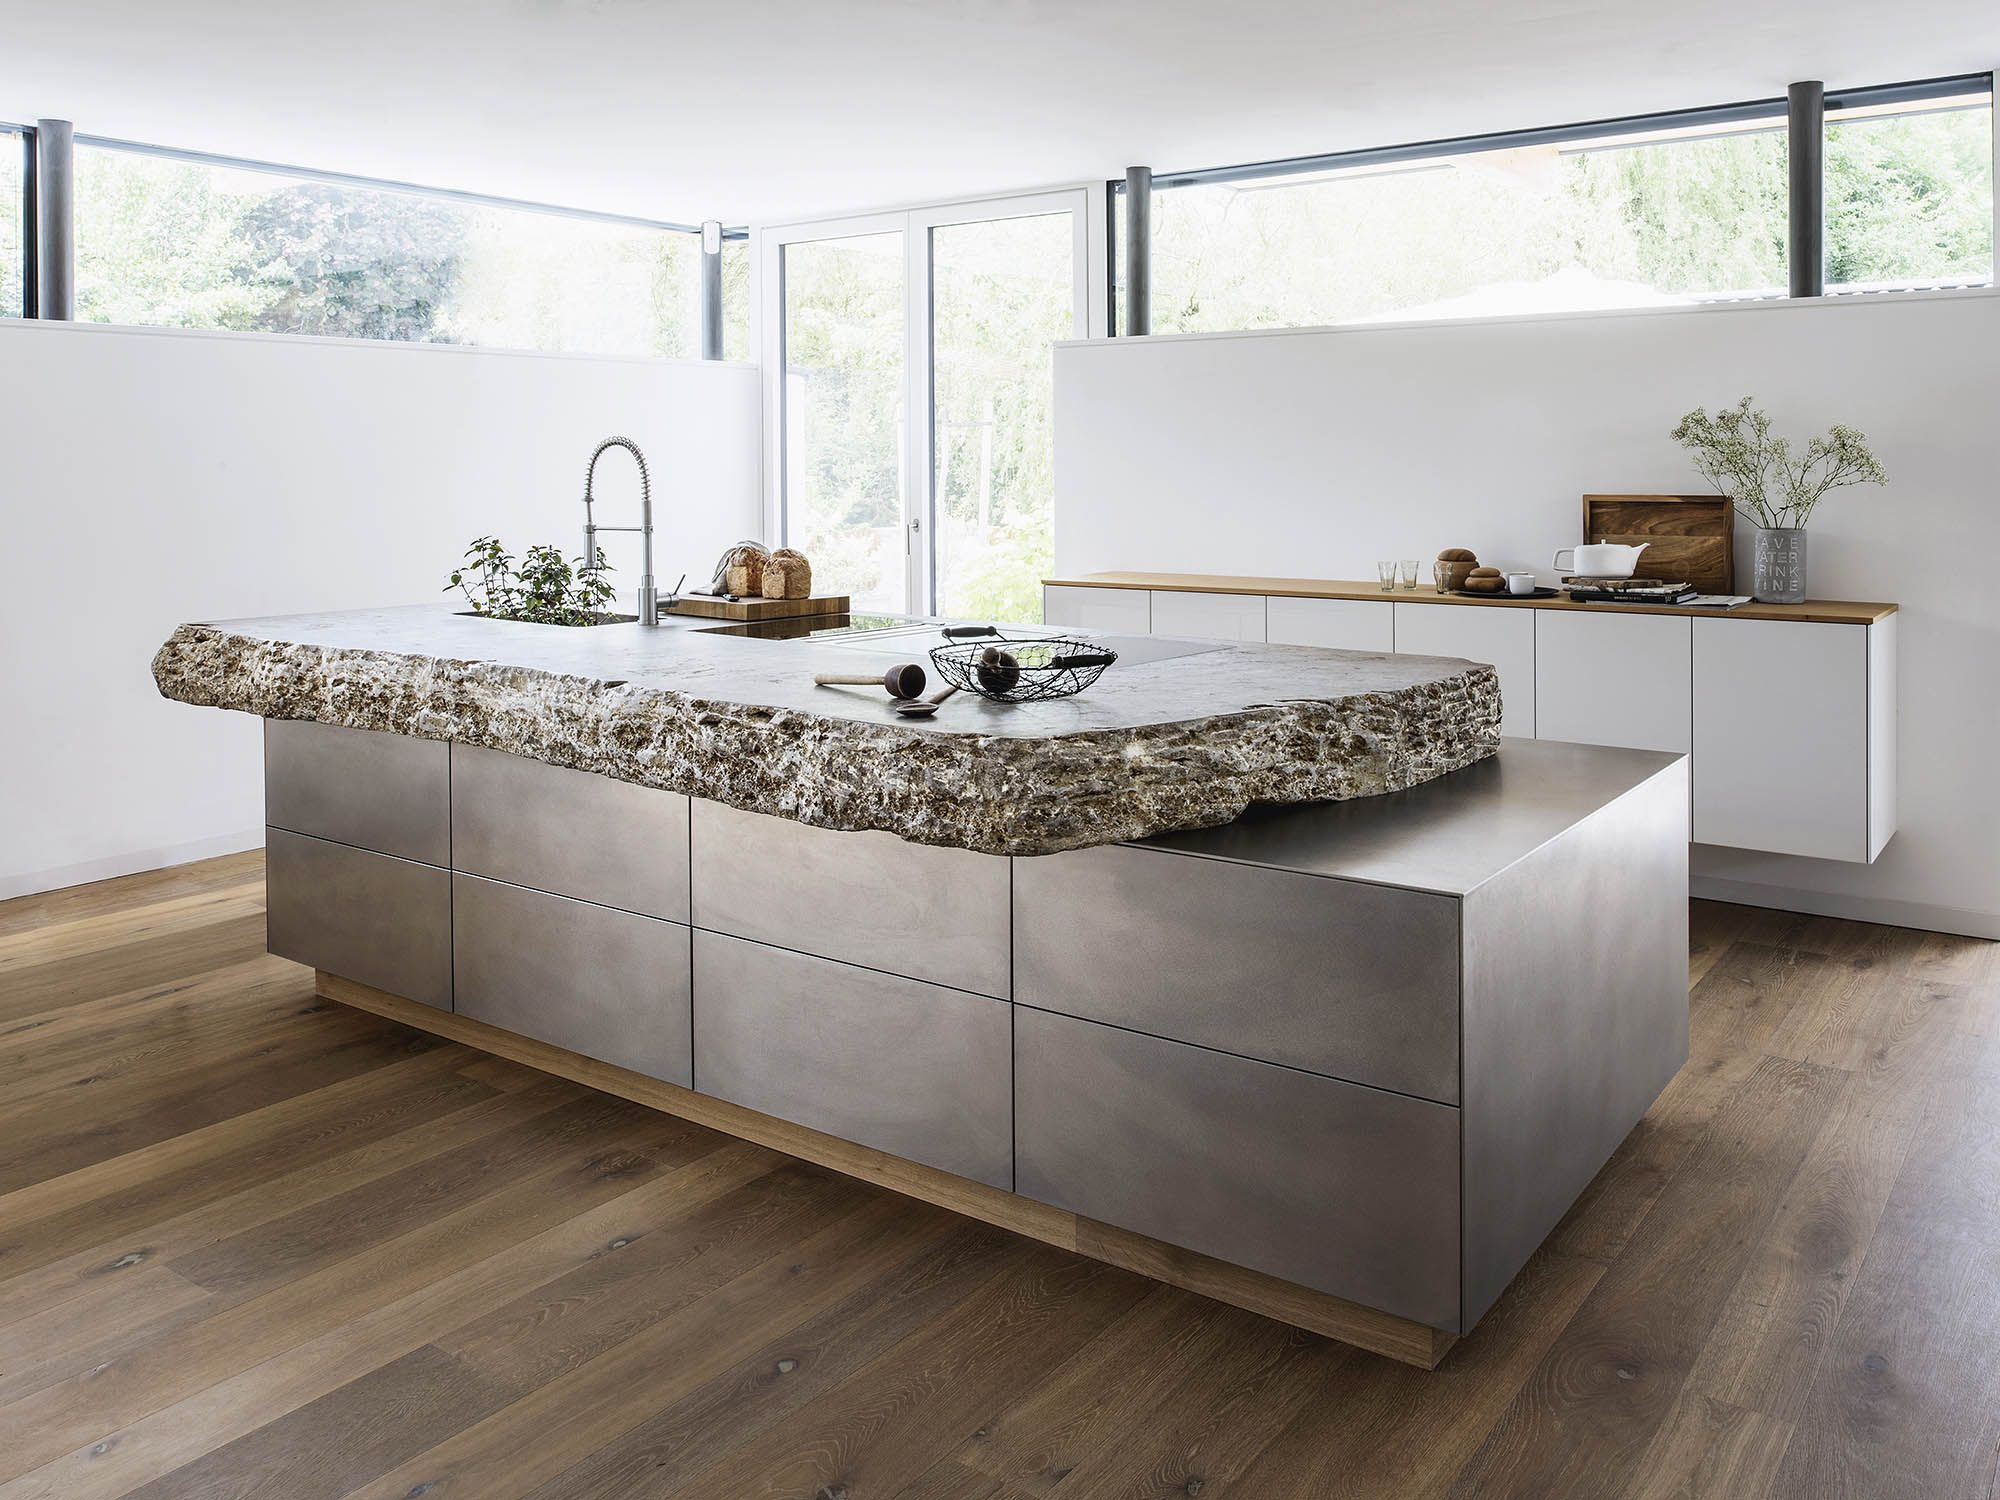 Traumhafte Naturstein Arbeitsplatte in der Küche   Küchen ...